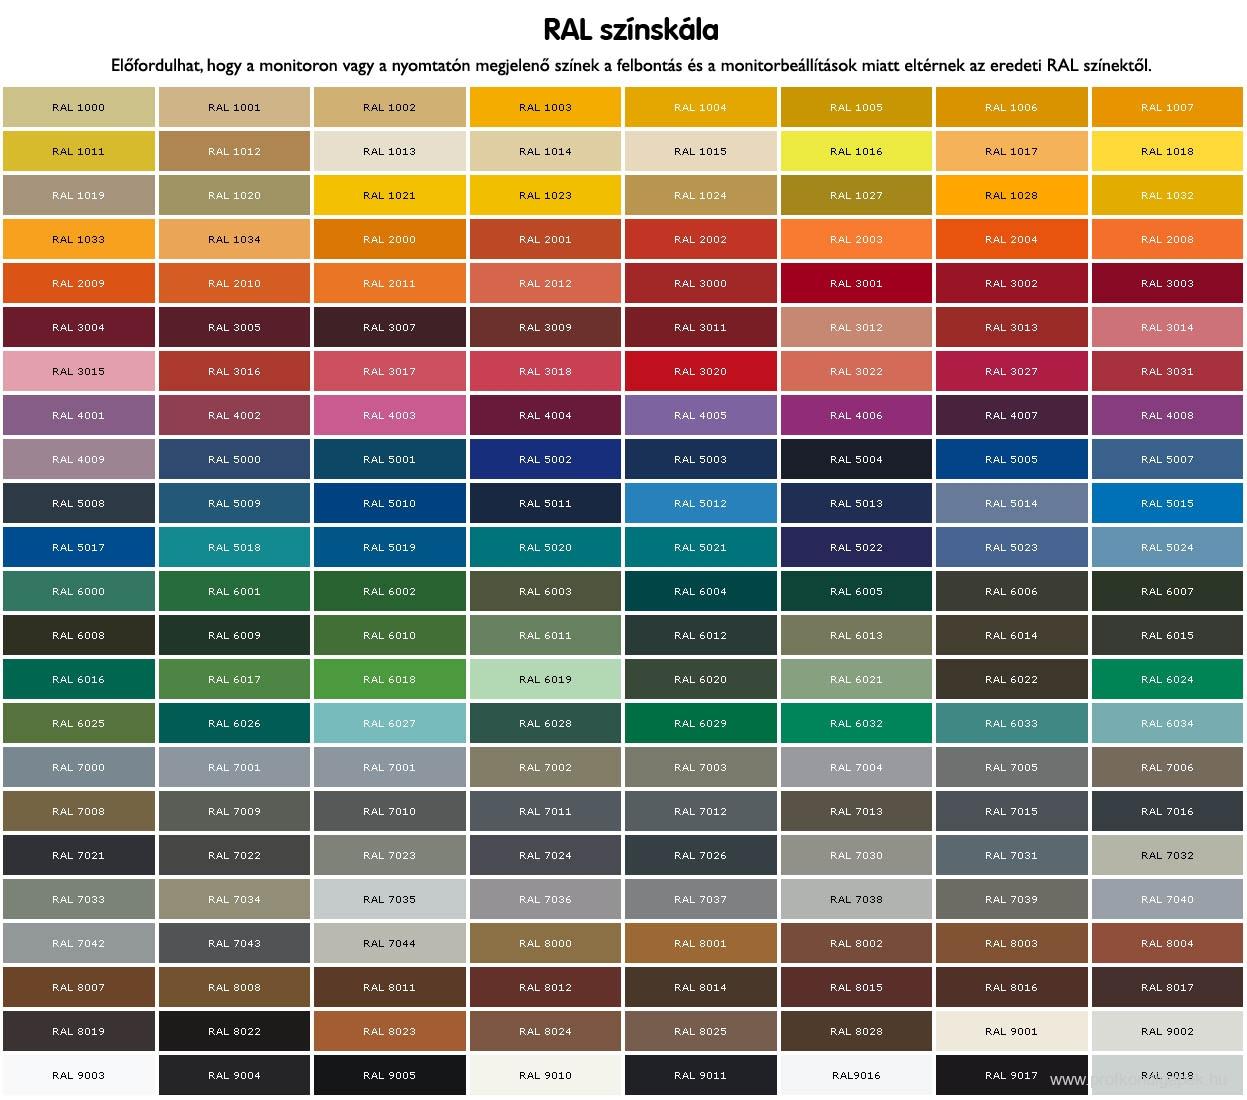 Valspar Paint Colors Pinterest 상의 Ral Color Chart에 관한 1 000개 이상의 아이디어